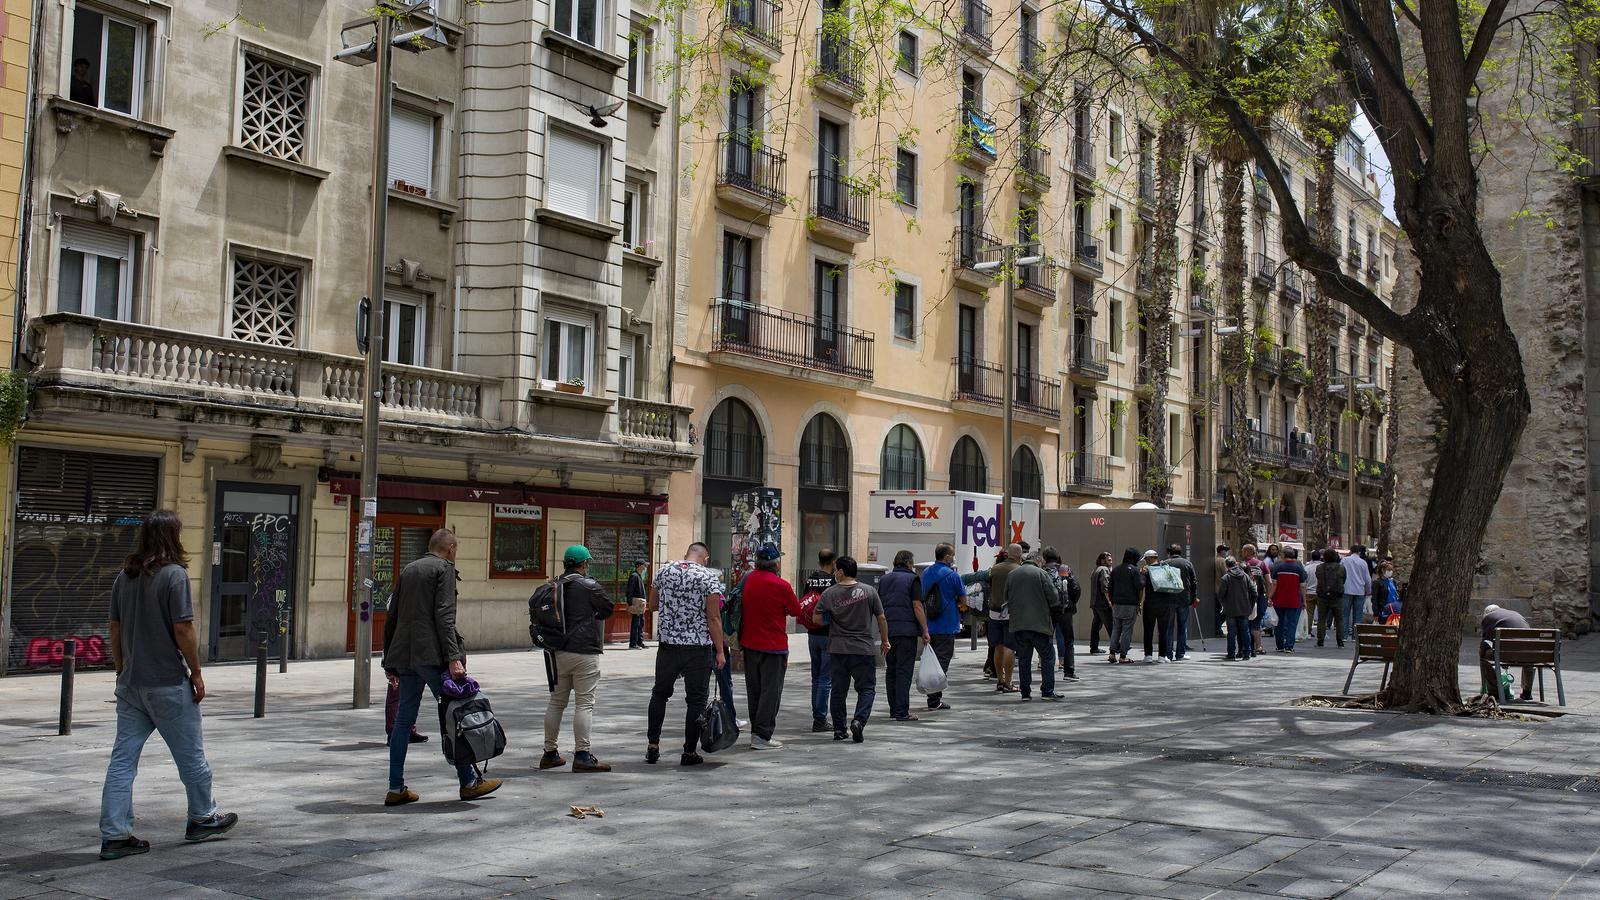 Cues al menjador social de 'Las misioneras de la caridad' situat al carrer  de l'Arc de Sant Agustí al barri del Raval, Barcelona